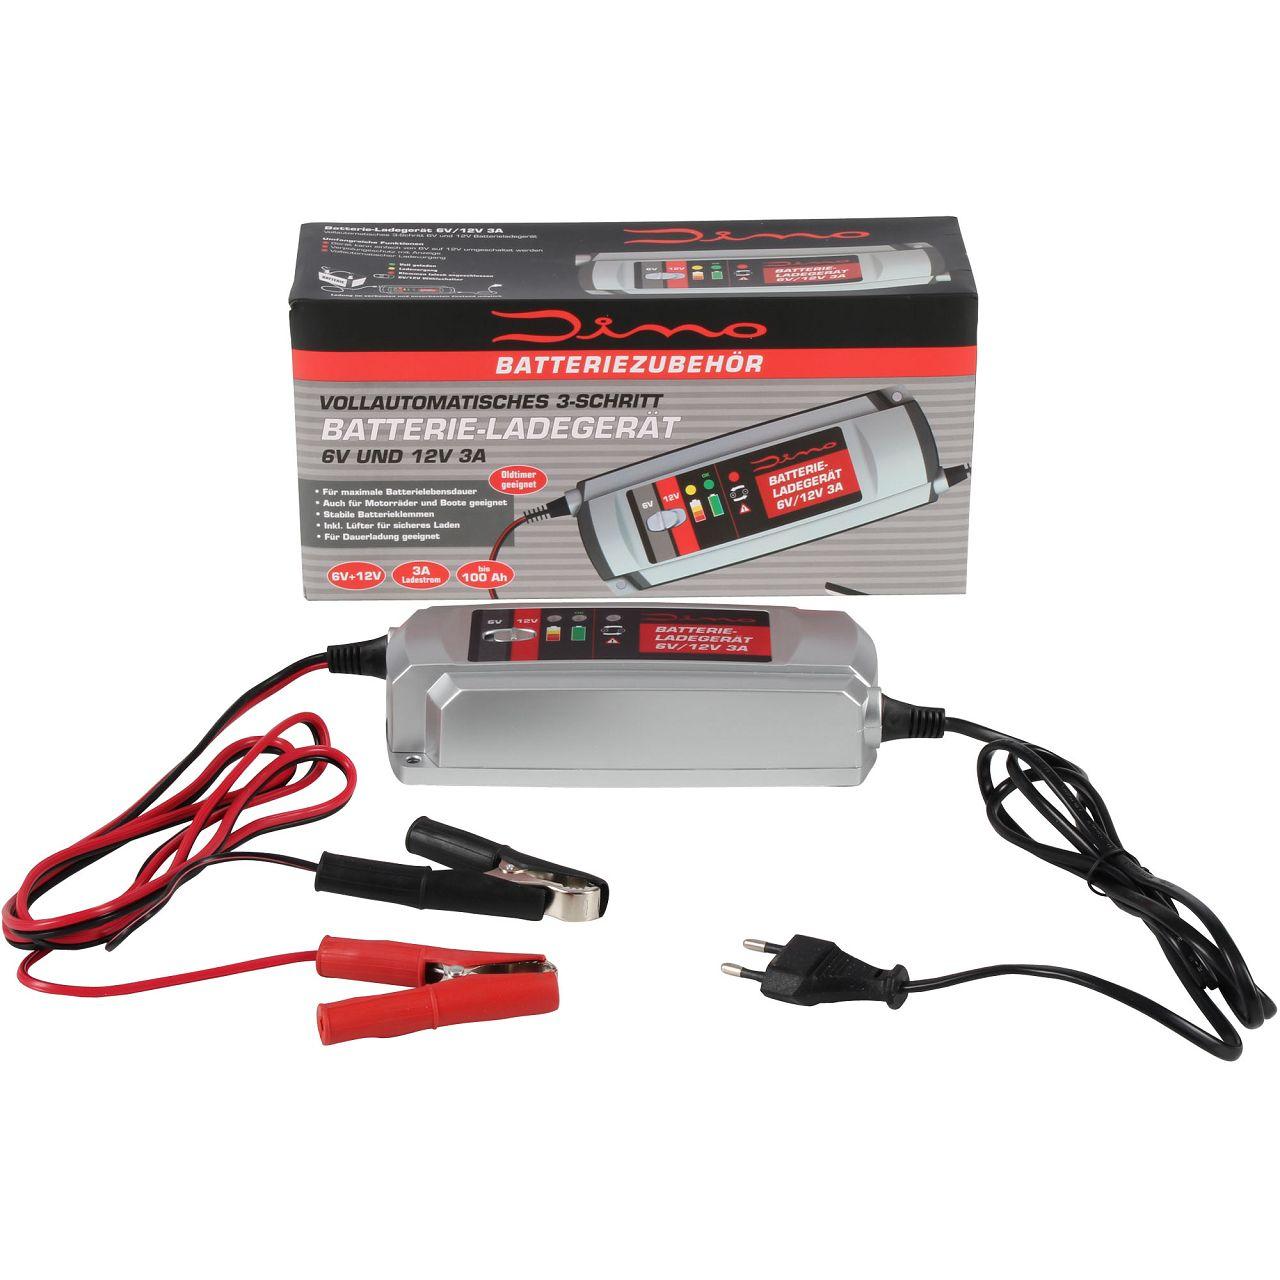 Dino KRAFTPAKET 136301 Batterieladegerät Ladegerät 6V 12V 3A KFZ Auto Motorrad